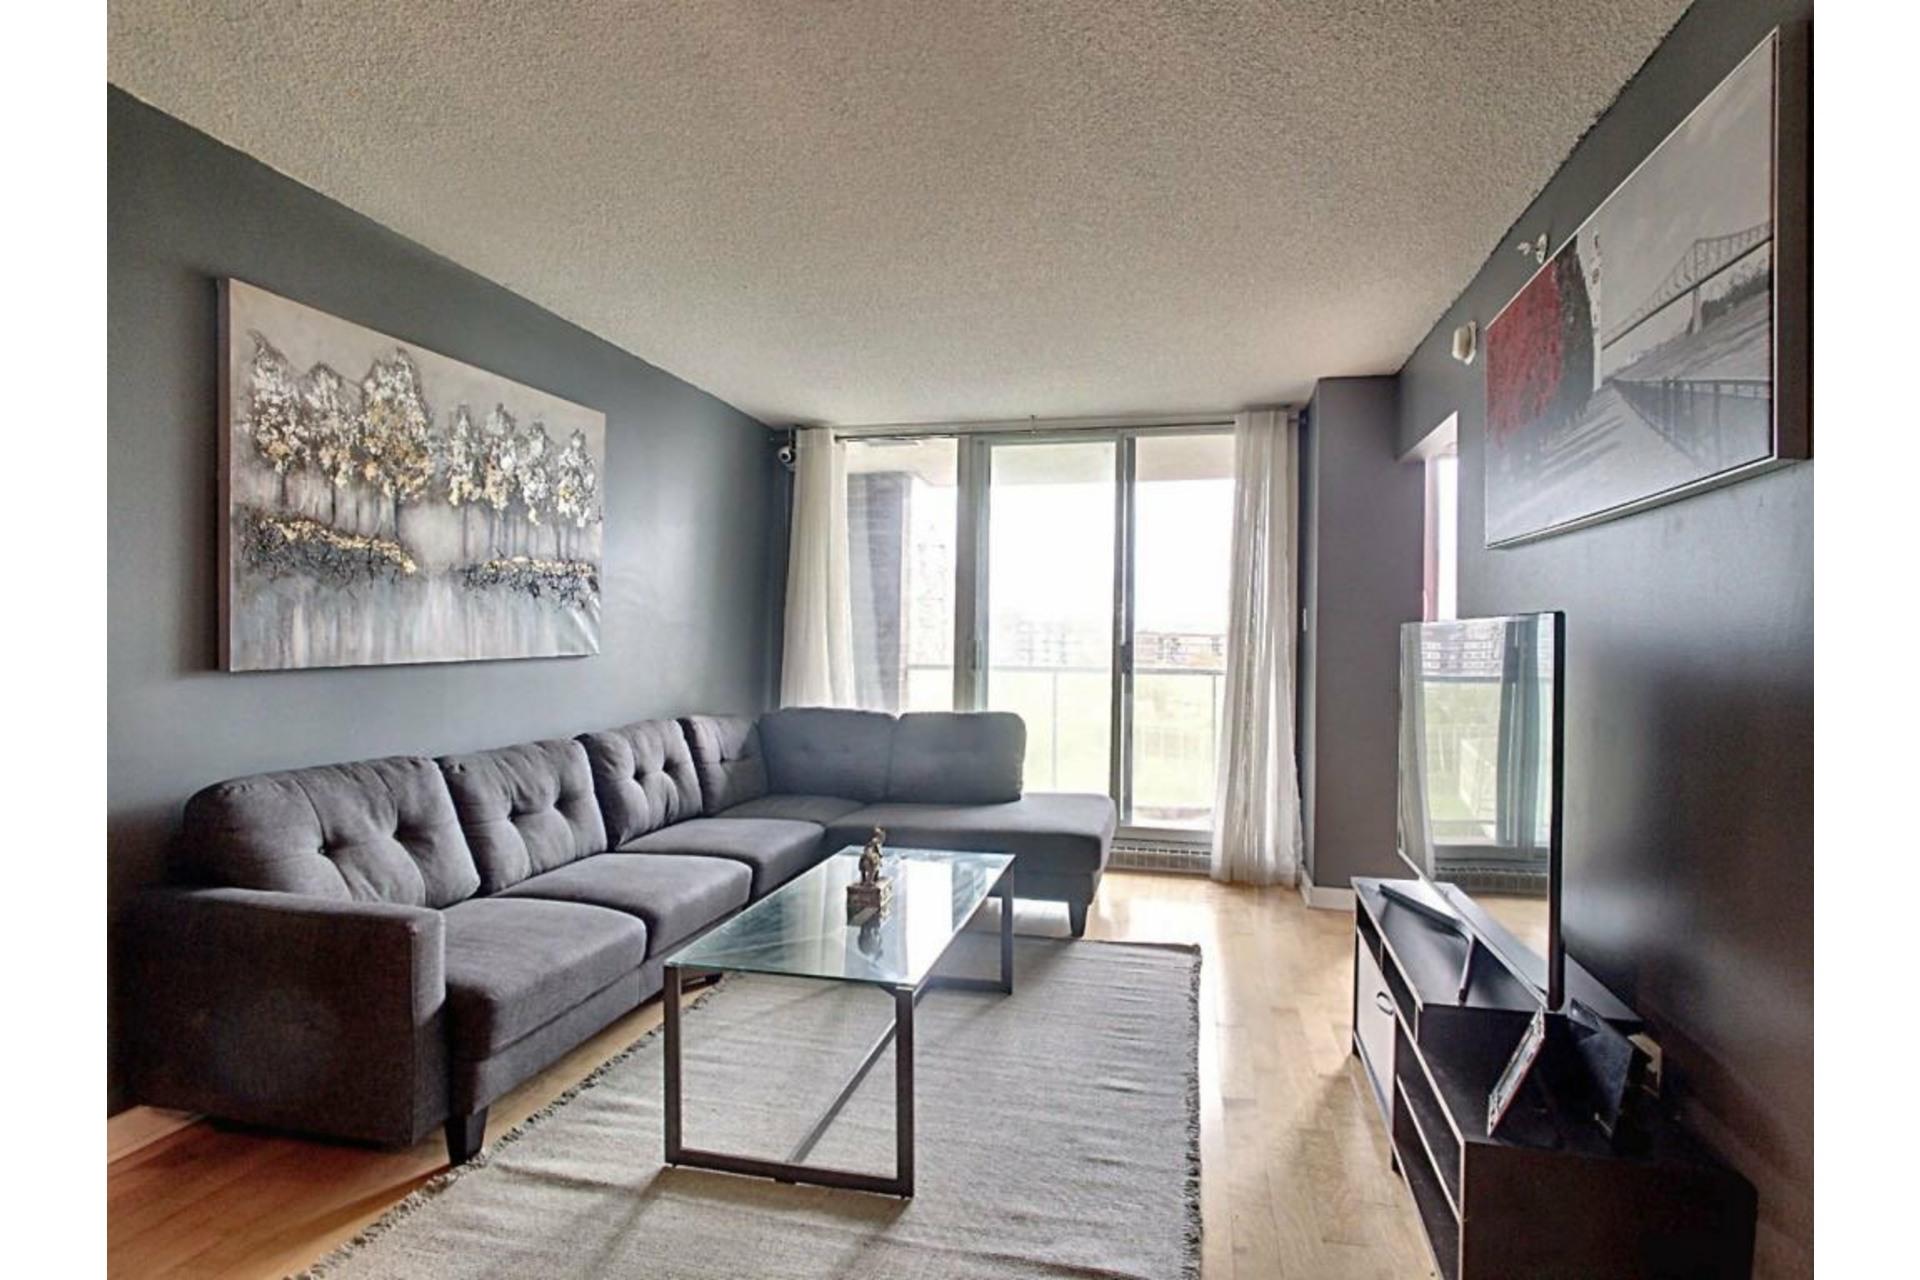 image 4 - Apartment For sale Ahuntsic-Cartierville Montréal  - 6 rooms